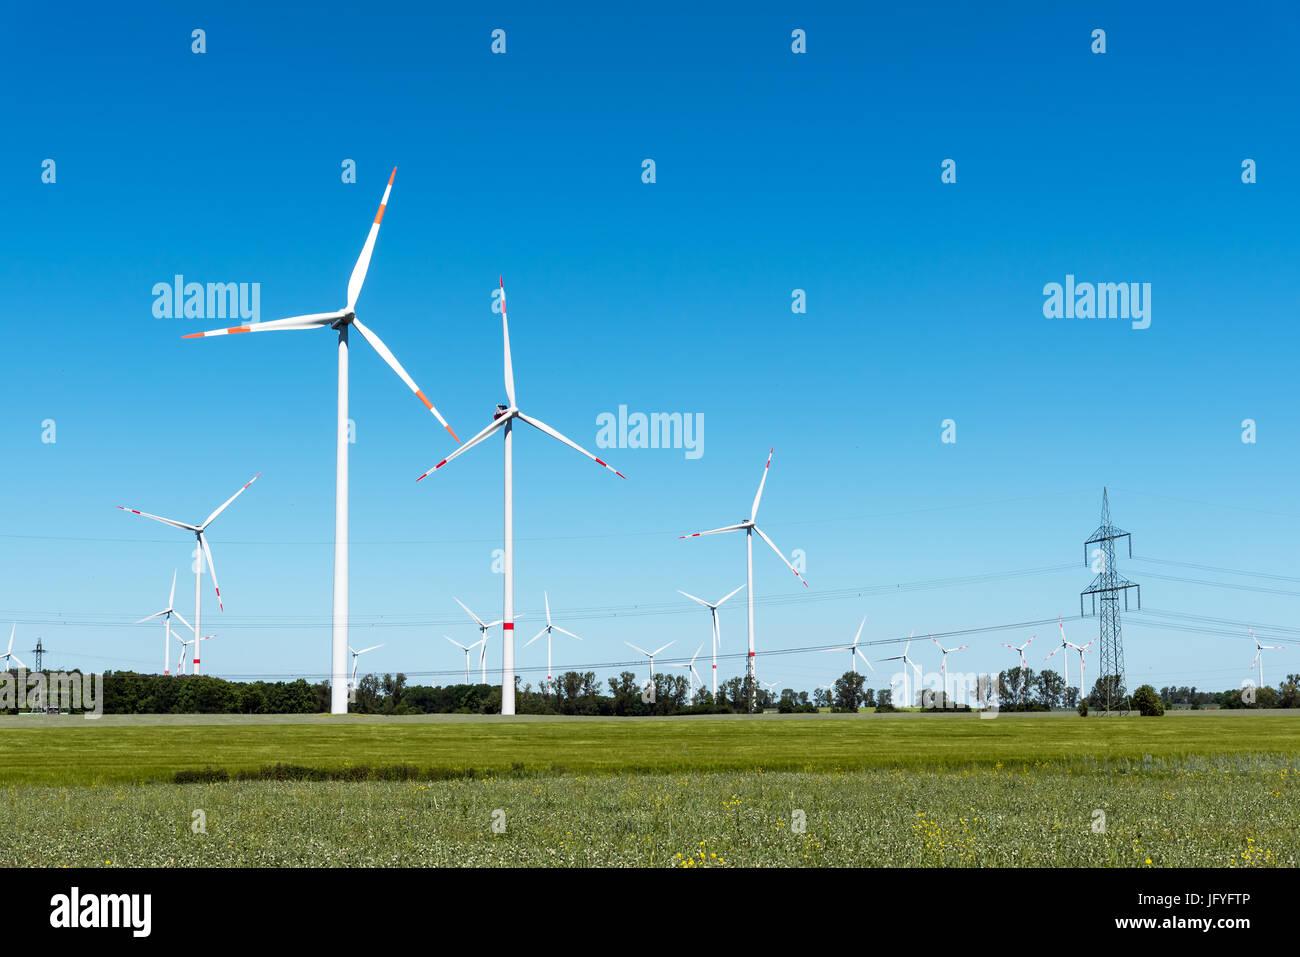 Windenergie anlagen in ländlichen Deutschland gesehen Stockbild